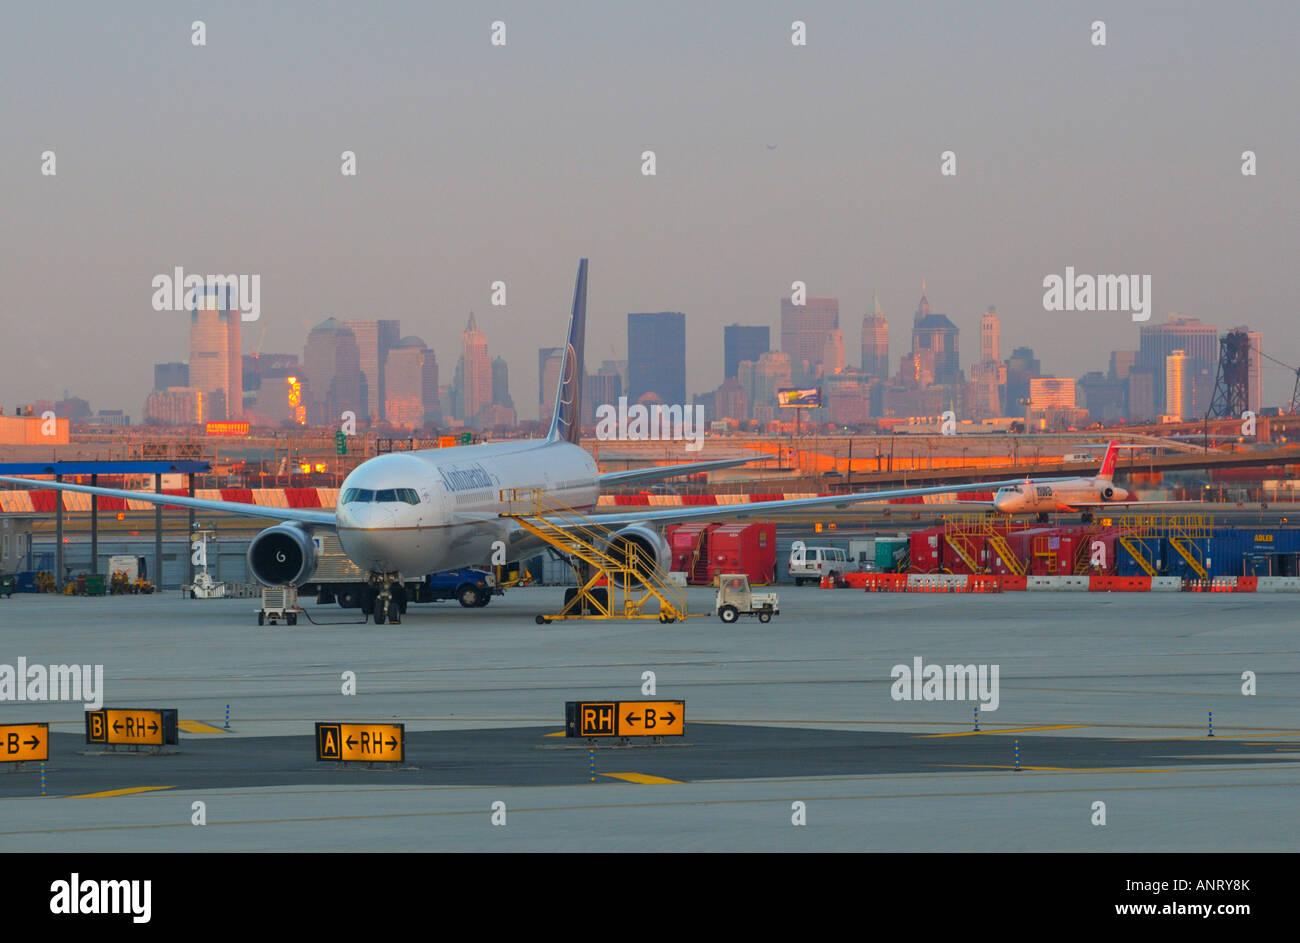 Aeroporto Ewr : Newark international airport ewr hub with manhattan skyline